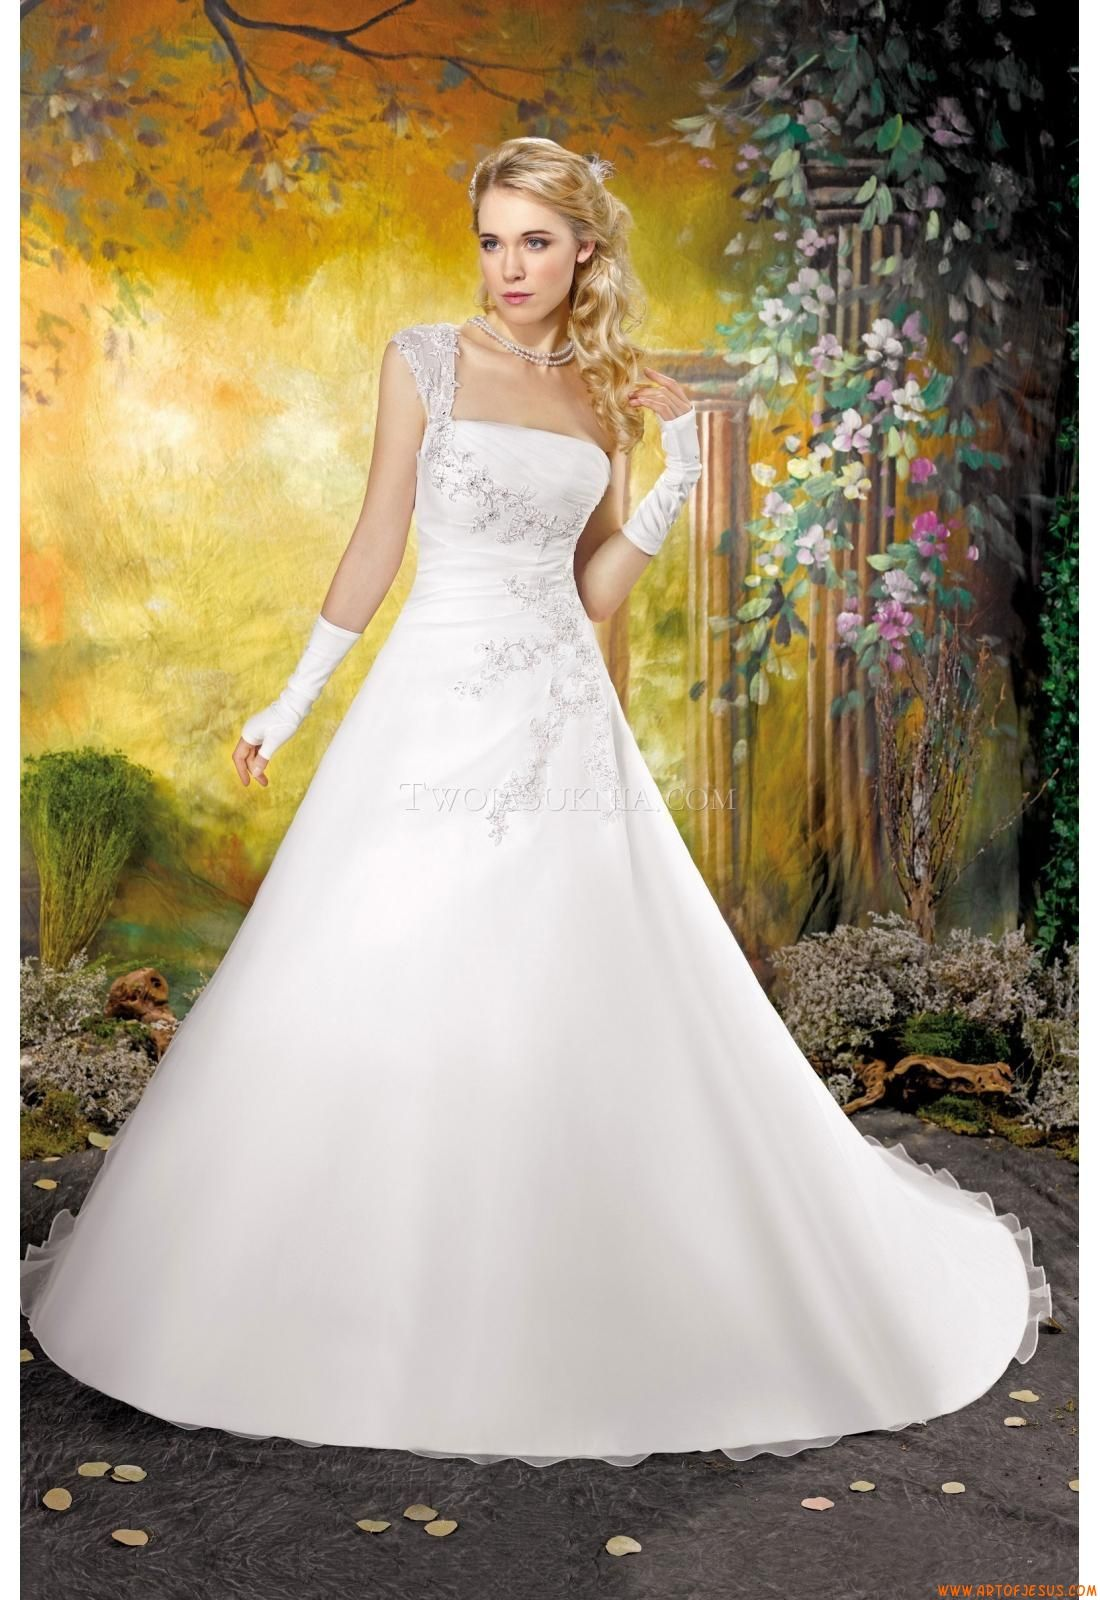 abiti da sposa Collector CL 144-20 2014